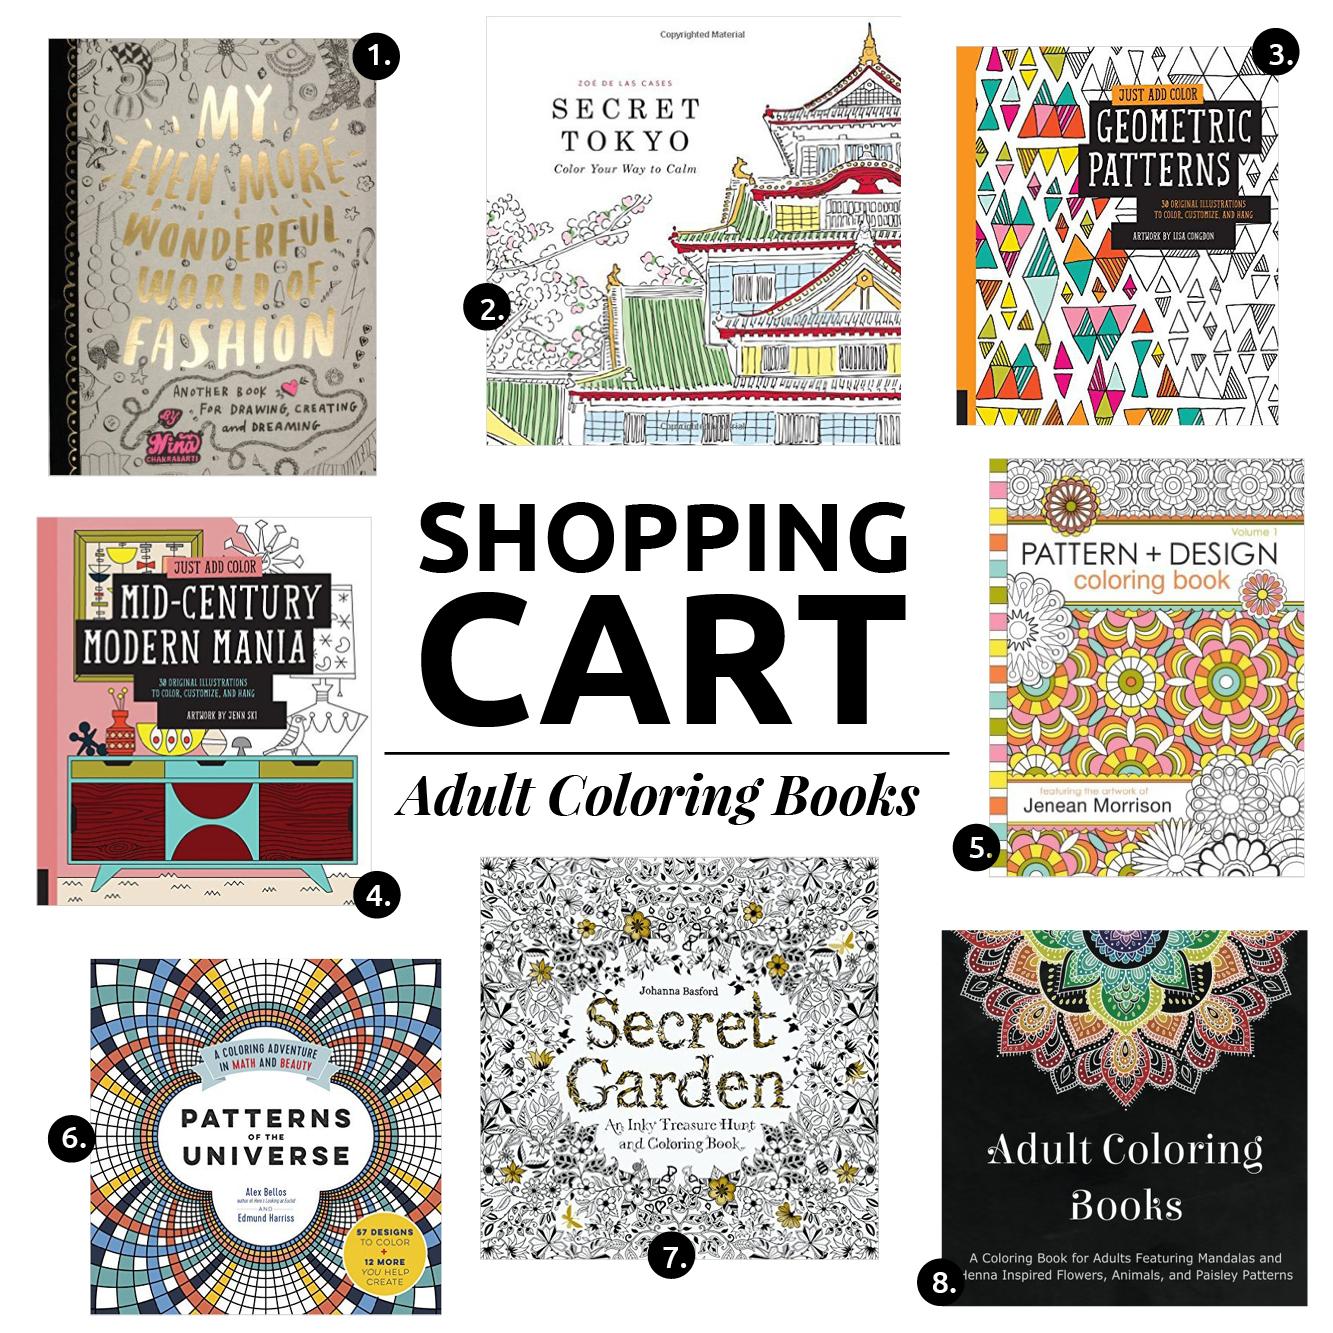 8 LIBROS DE COLOREAR PARA LIBERAR EL ESTRES Y LA ANSIEDAD // ¿Has intentado usar libros para colorear para adultos? Como artista y creativa, lucho con ansiedad por lo que este libro me ha ayudado mucho!